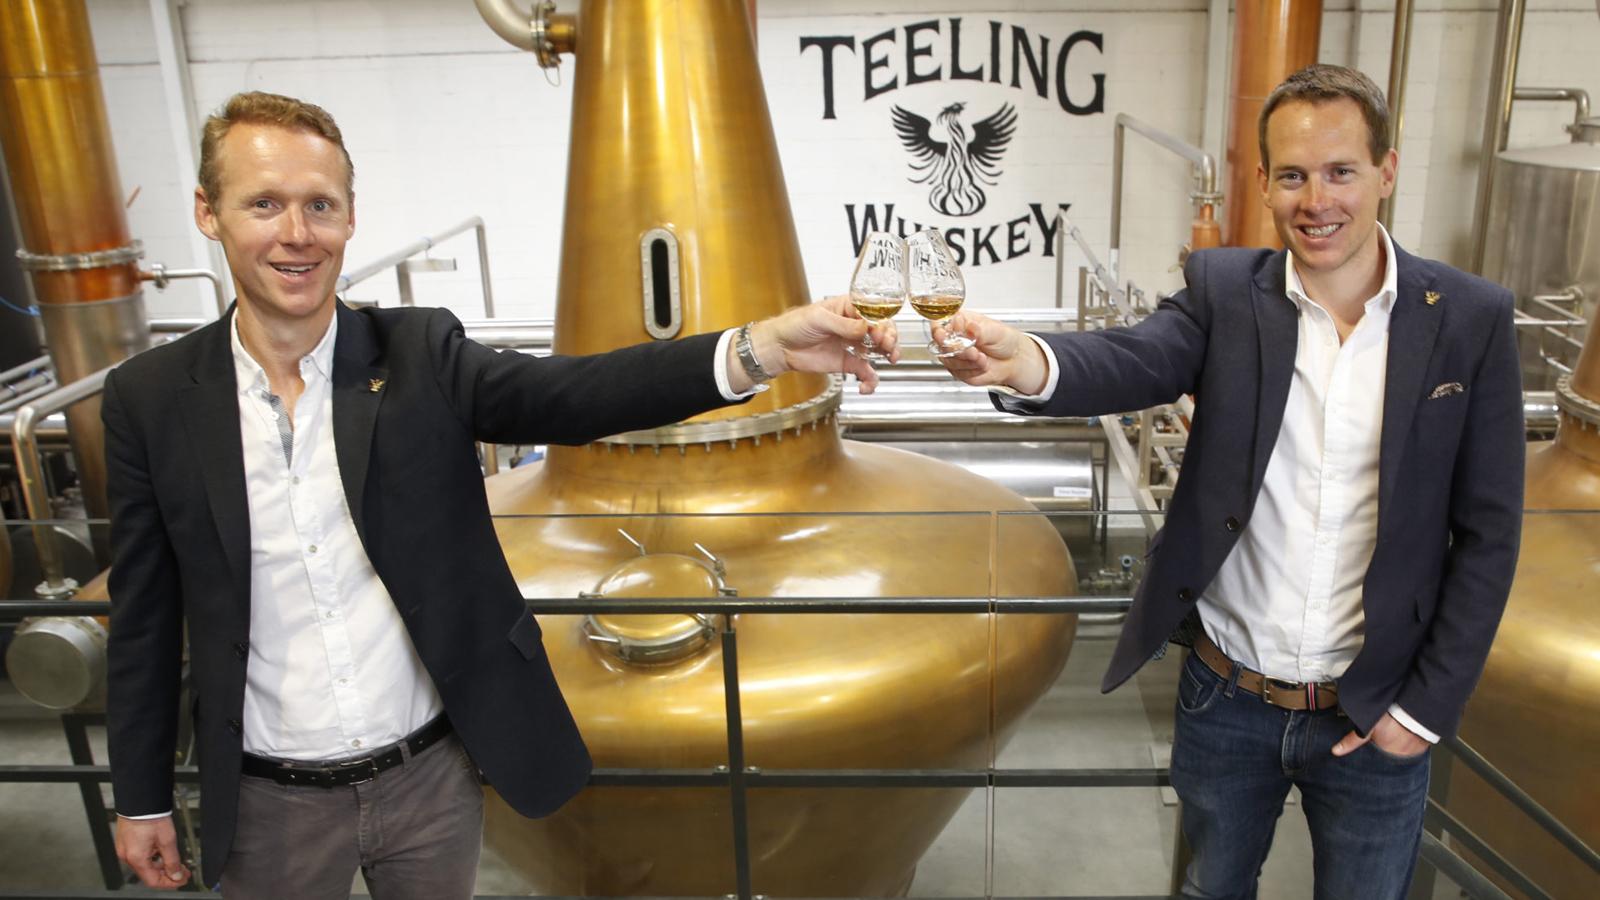 Die Teeling Whiskey Distillery feiert ihren fünften Geburtstag